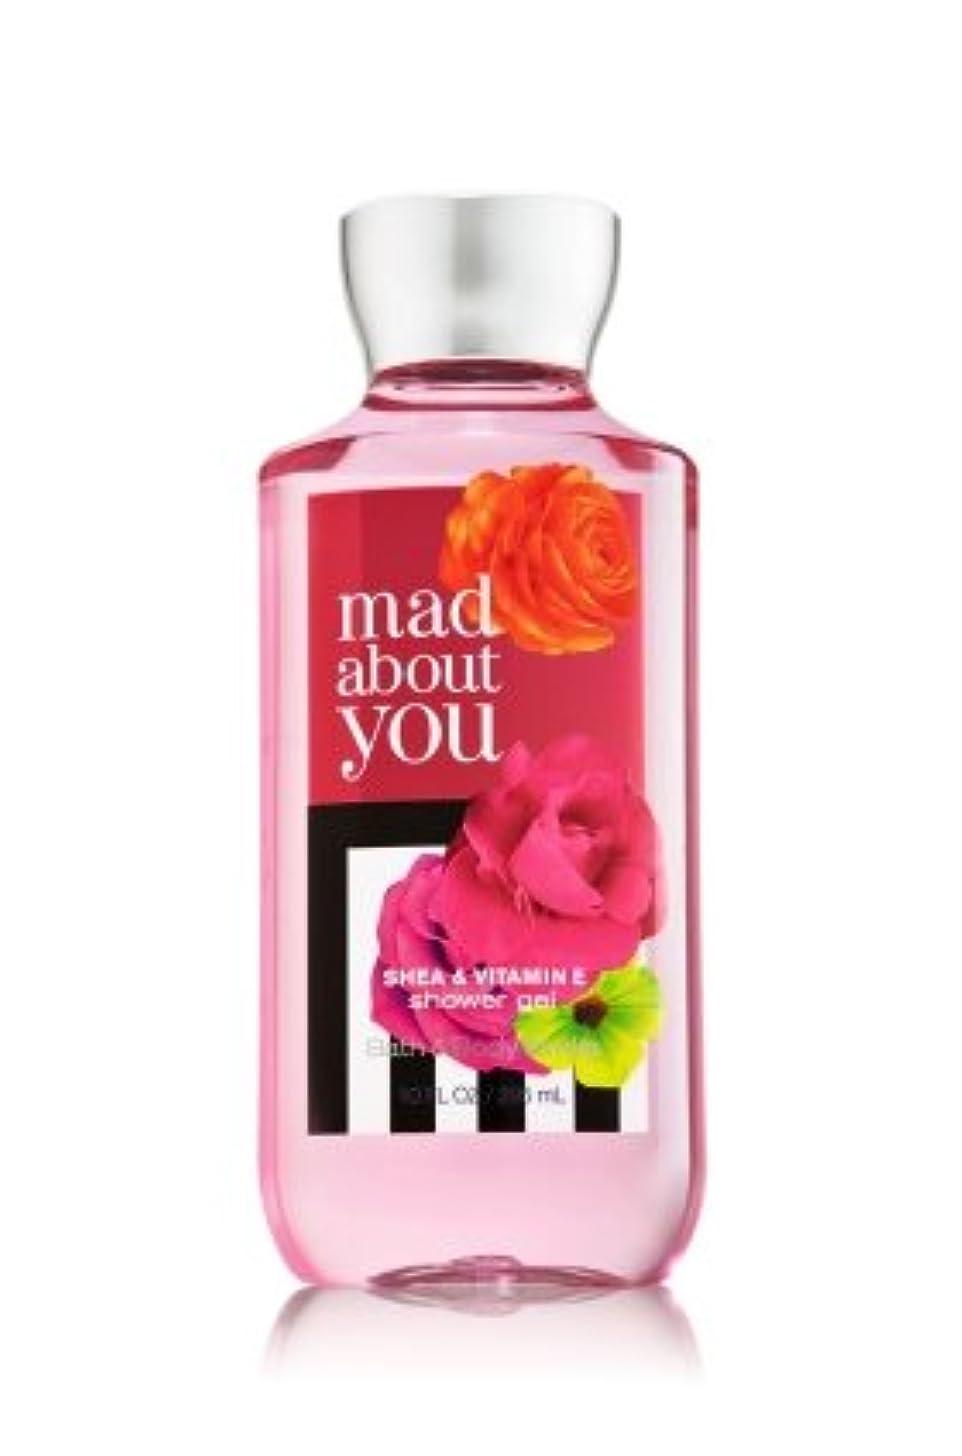 発動機言い直す広告主【Bath&Body Works/バス&ボディワークス】 シャワージェル マッドアバウトユー Shower Gel Mad About You 10 fl oz / 295 mL [並行輸入品]